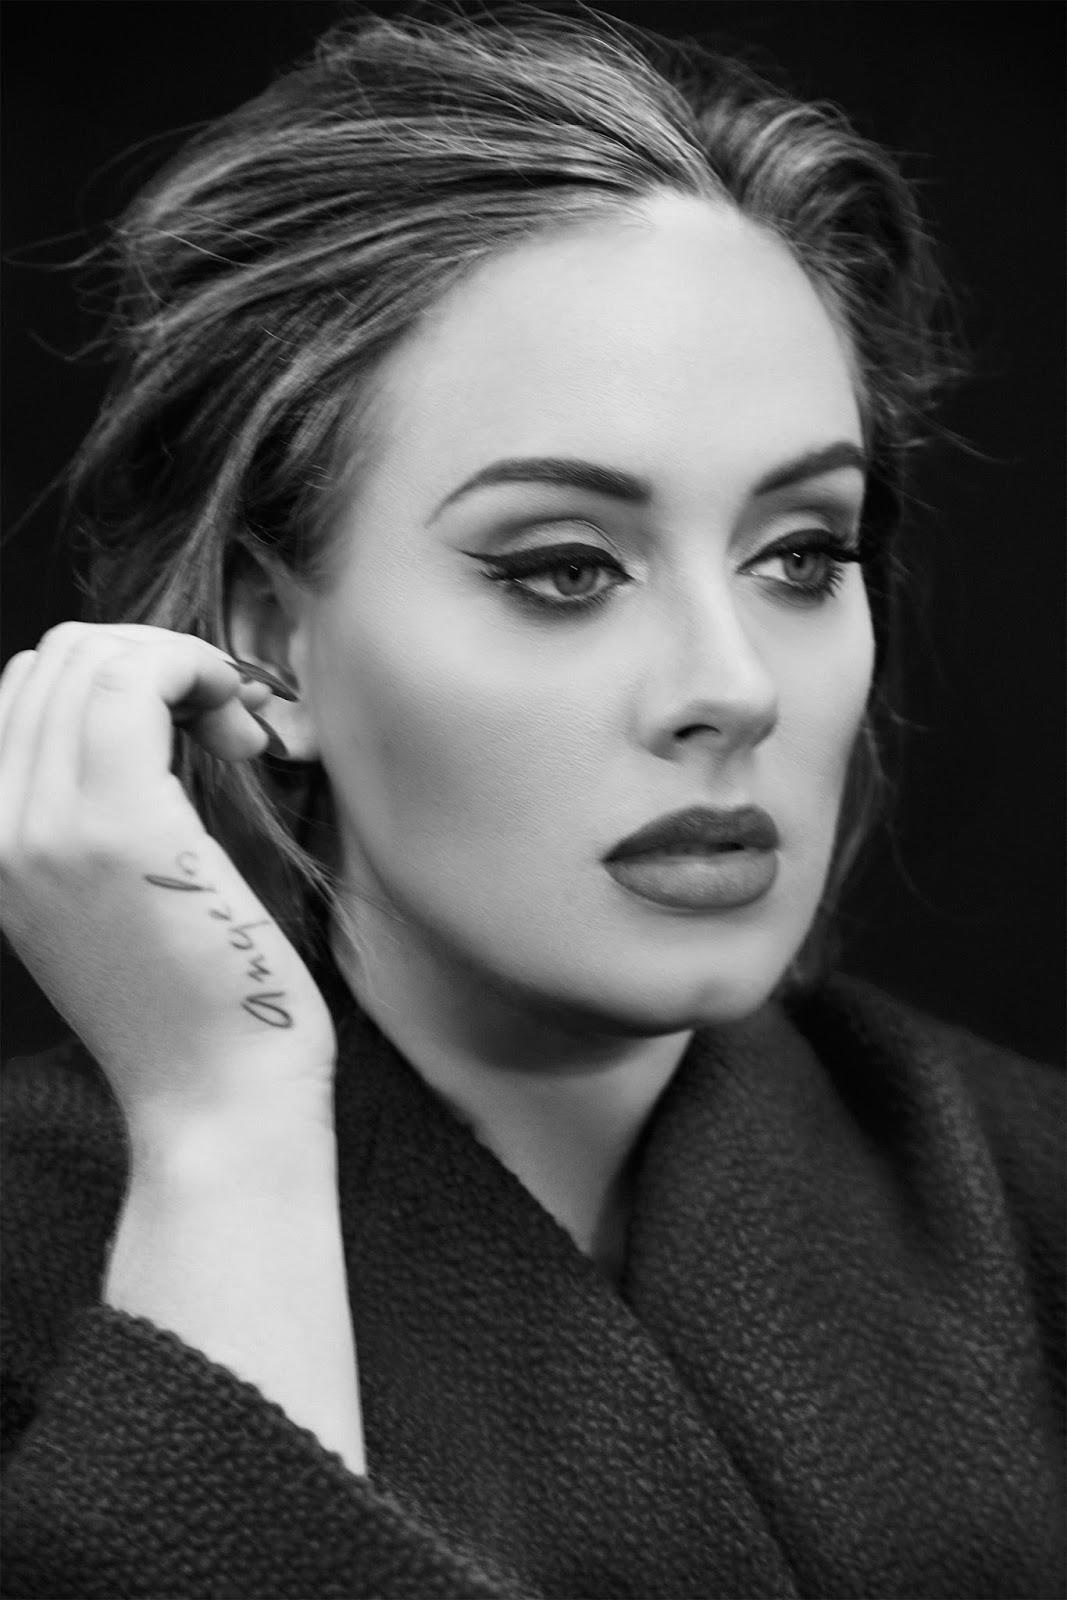 Adele In Time Magazine December 28th 2015 By Erik Madigan